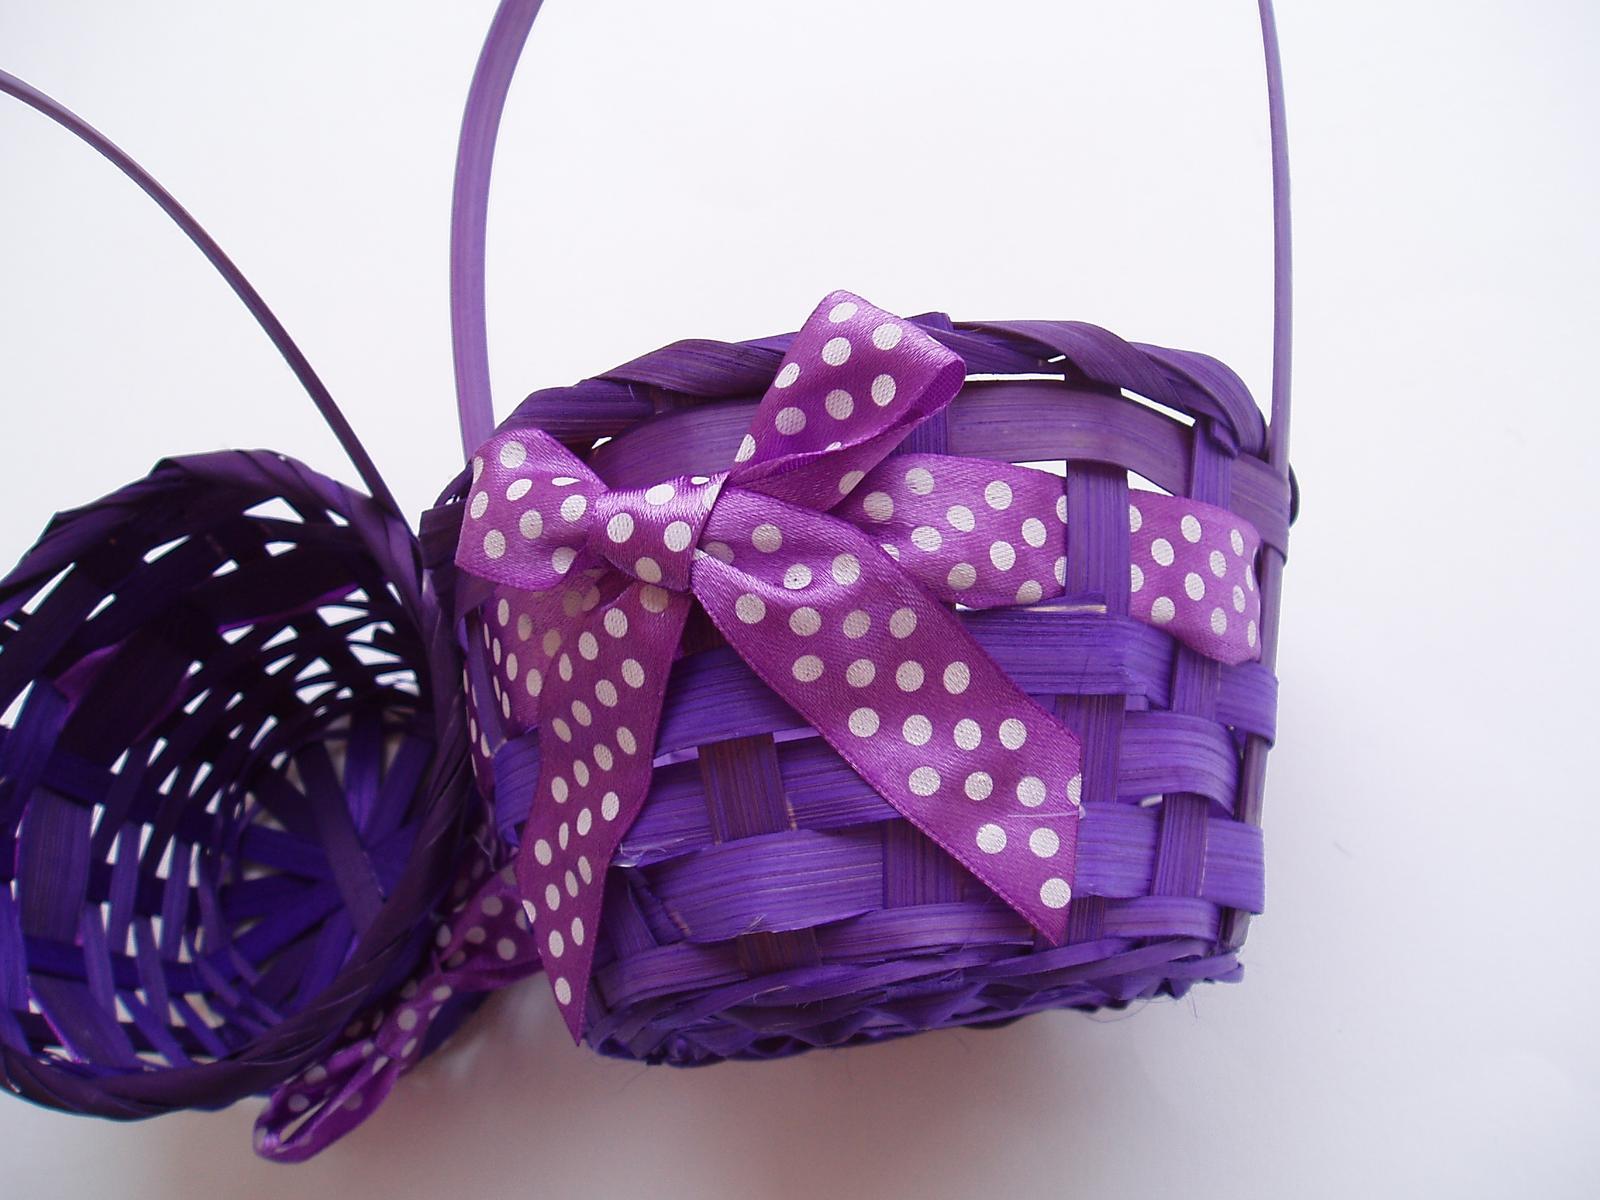 košíček fialový - Obrázek č. 1